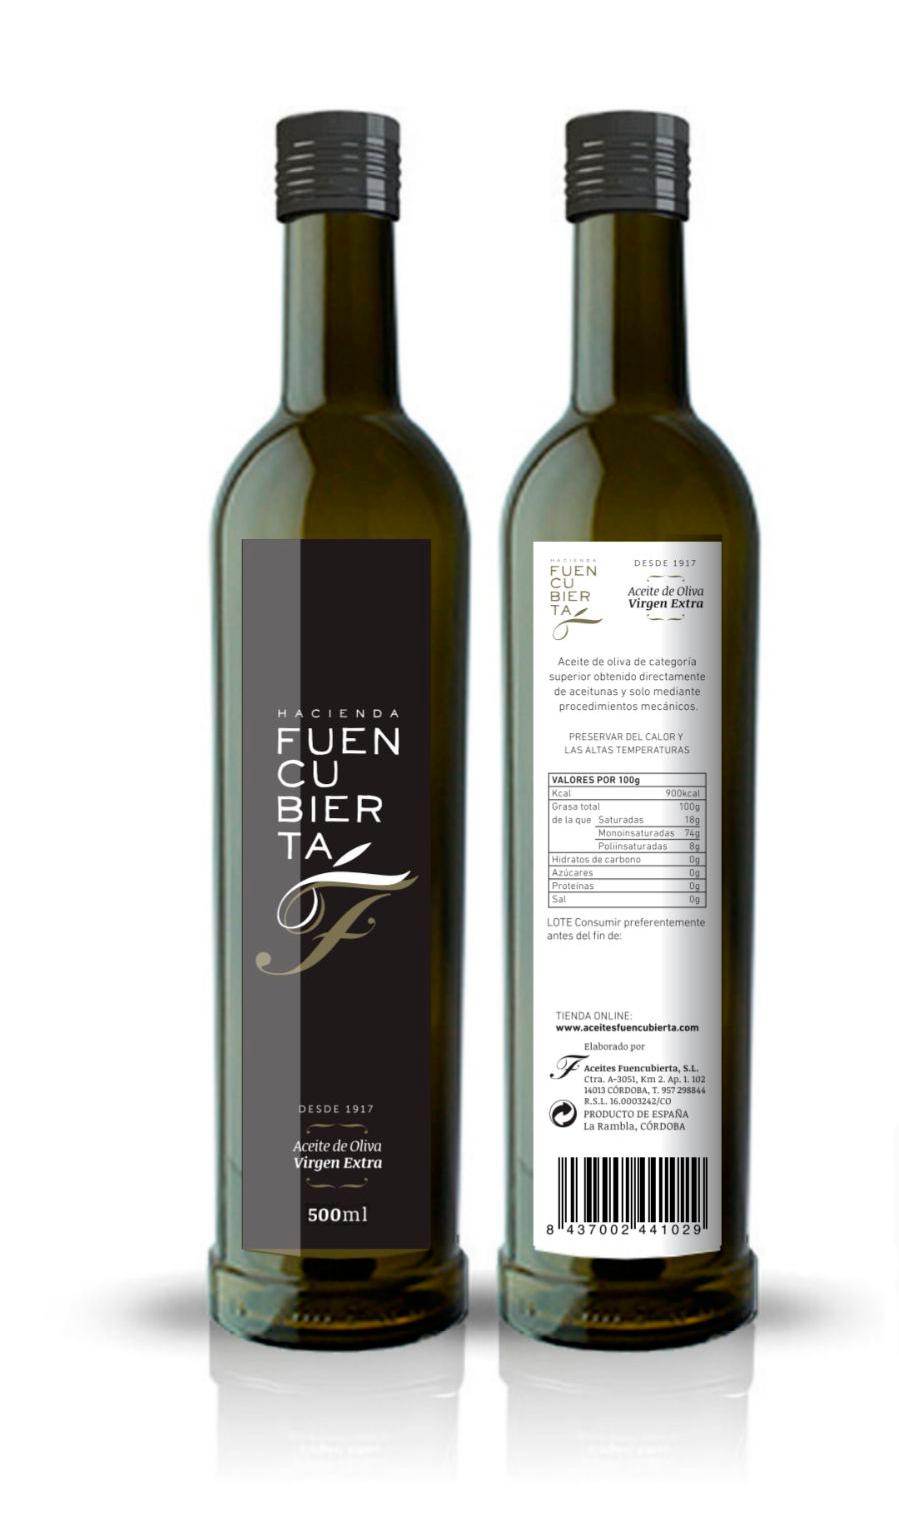 Hacienda Fuencubierta-Aceite de oliva Virgen Extra 500 ml